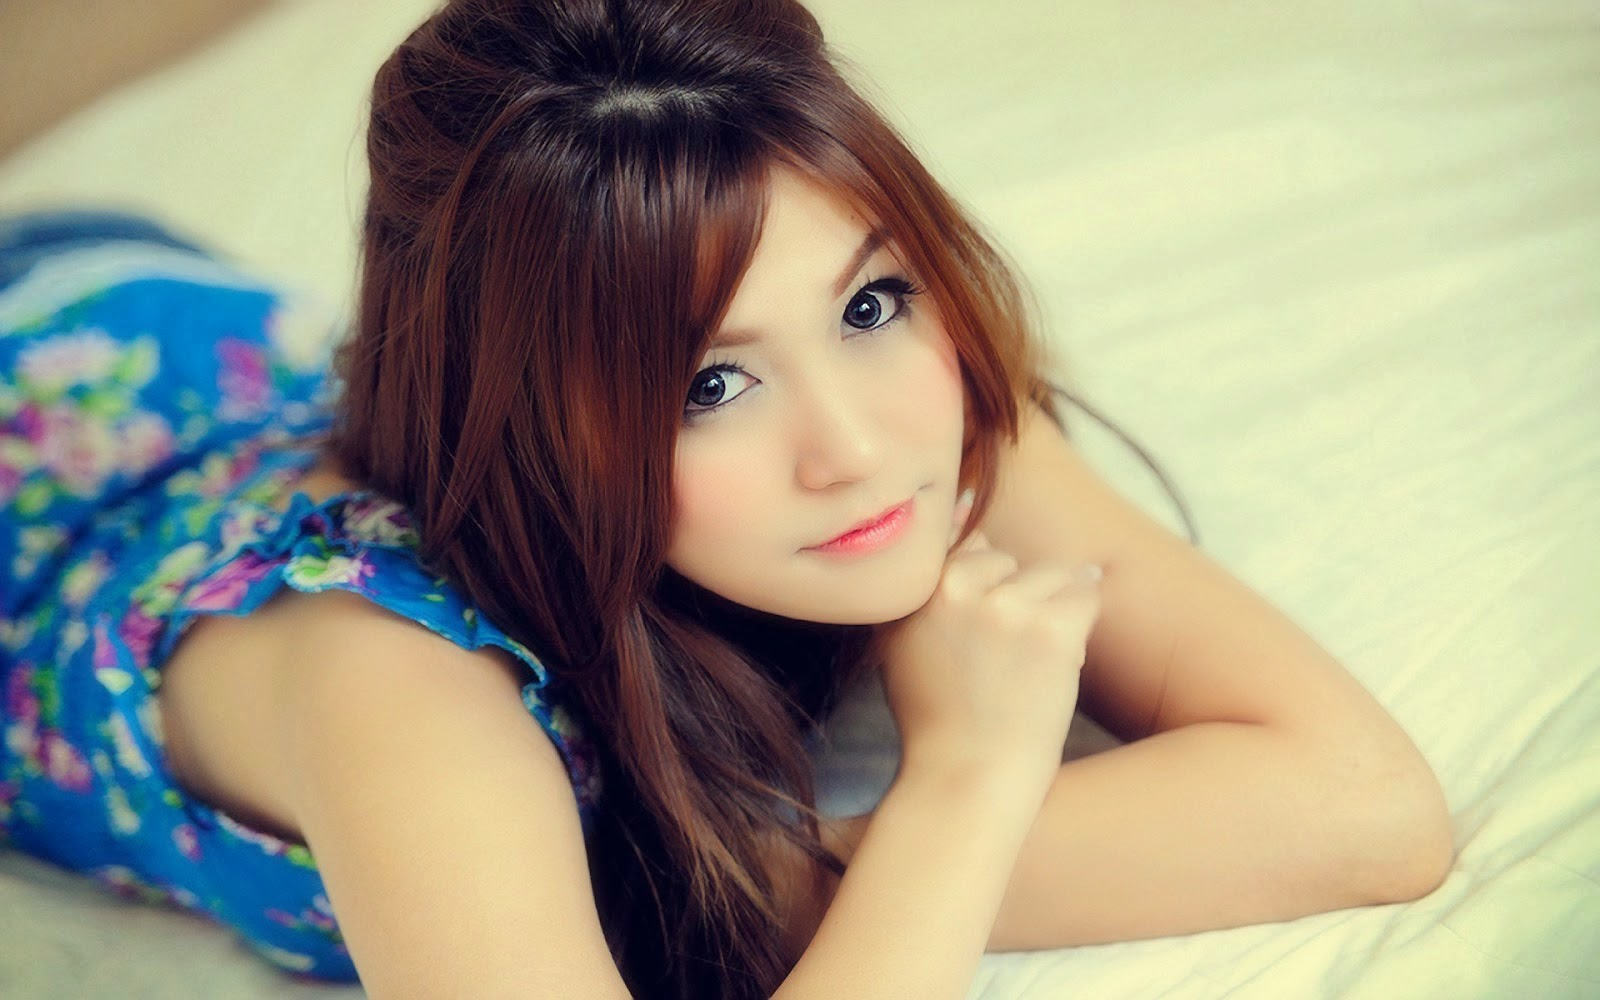 صوره بنات الصين , ملامح الفتاة الصينية